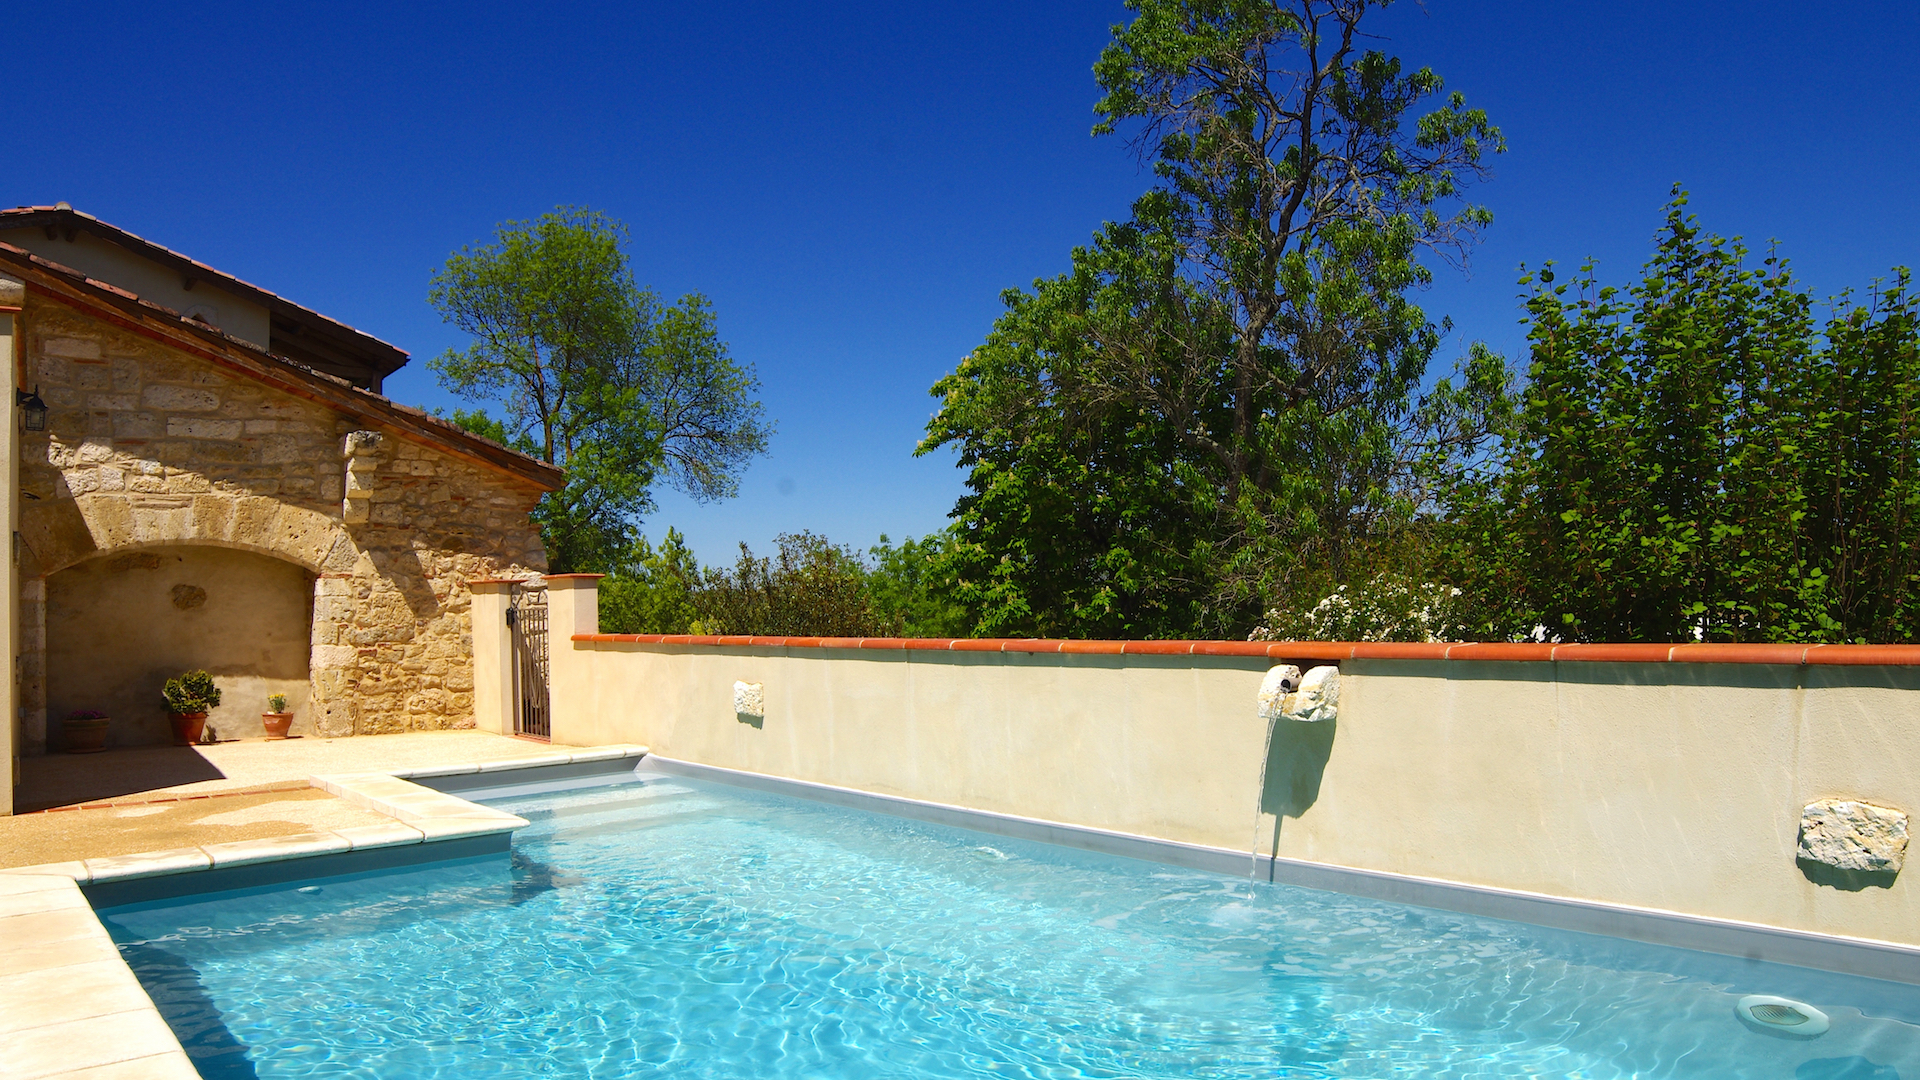 Espace d tente piscine et spa domaine de saussignac for Piscine et spa